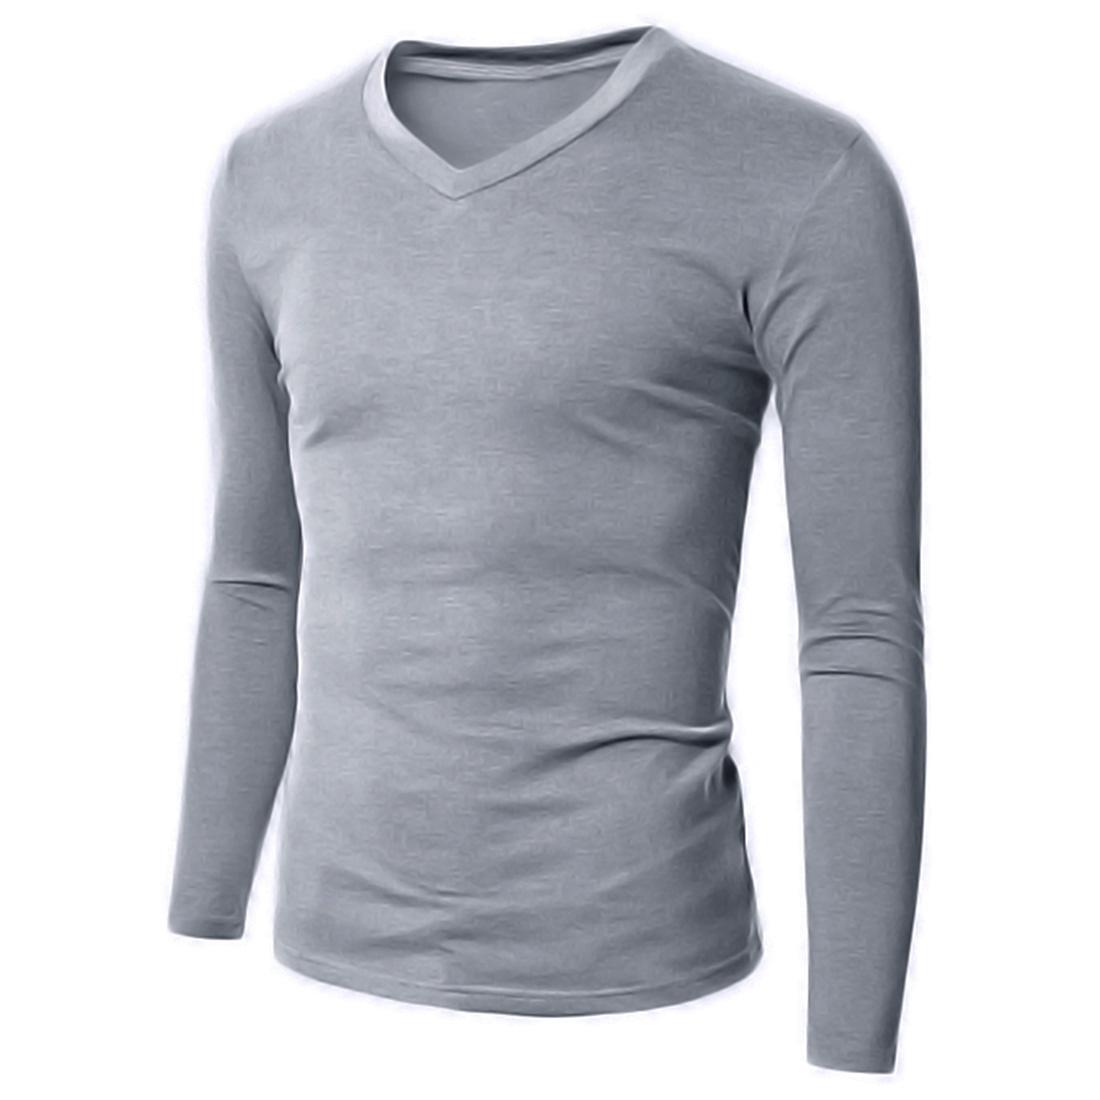 100 cotton mens slim basic tee t shirt long sleeve v neck. Black Bedroom Furniture Sets. Home Design Ideas